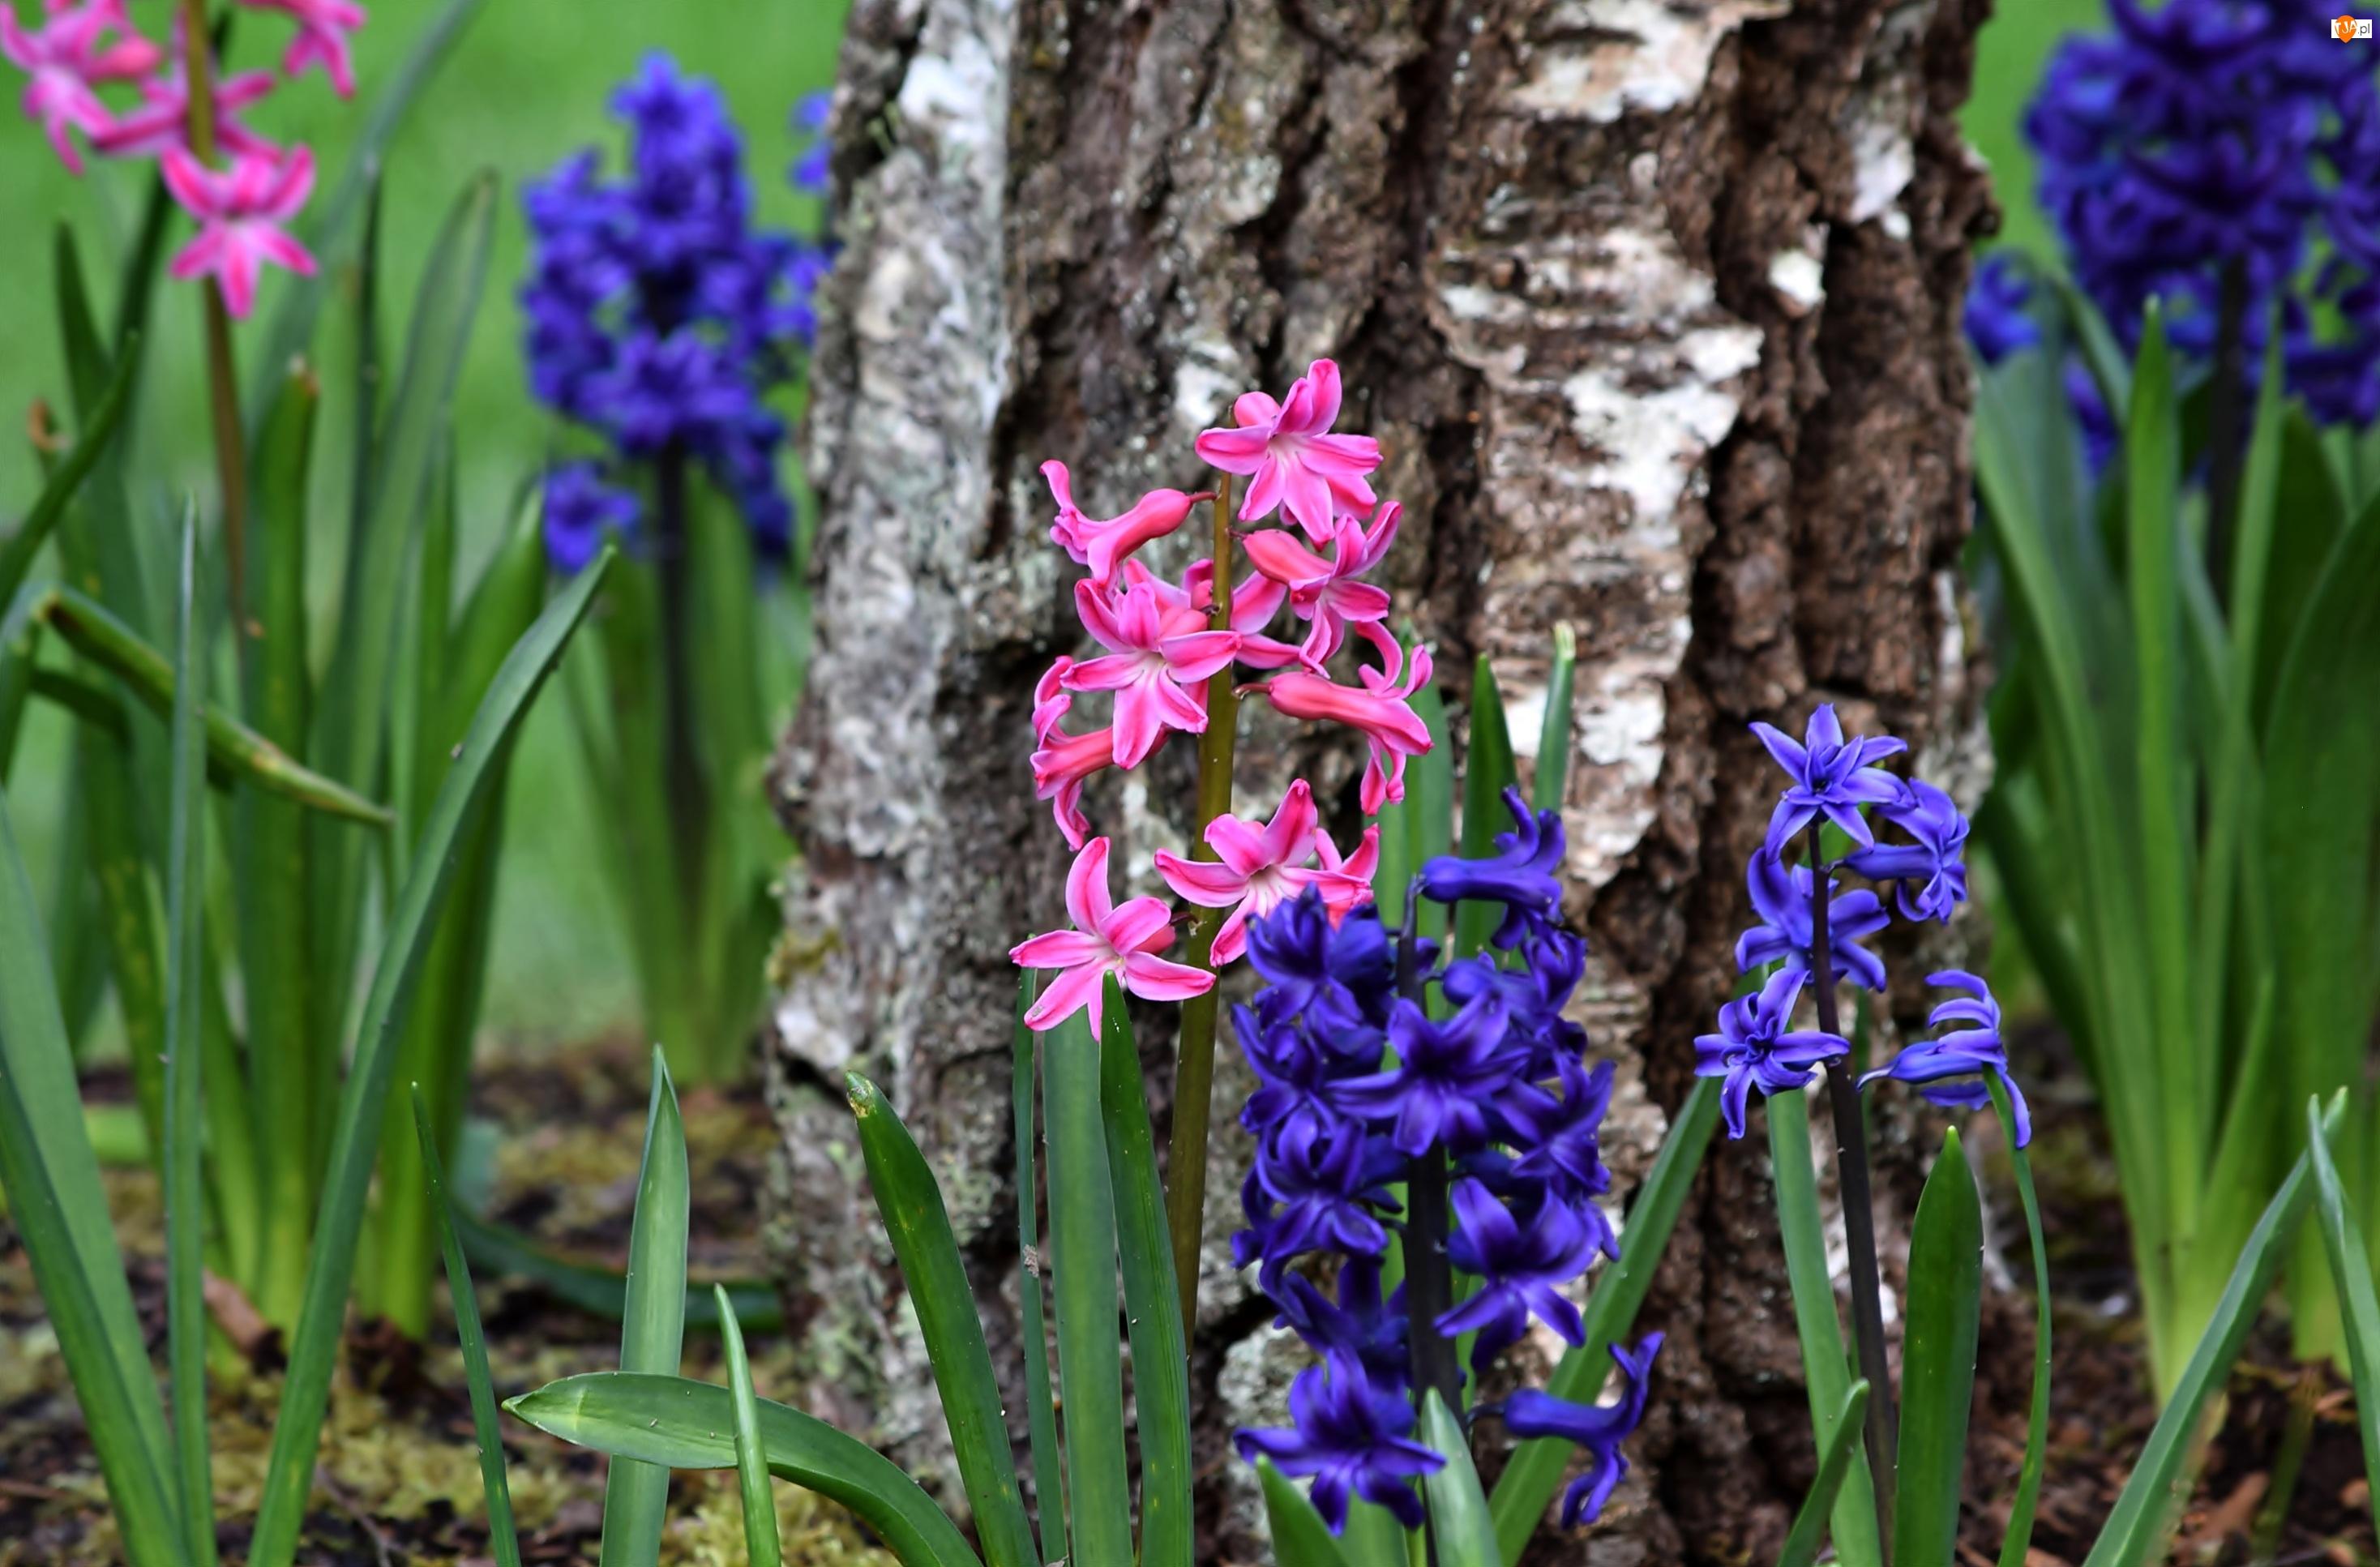 Brzoza, Kwiaty, Pniak, Hiacynty, Kora